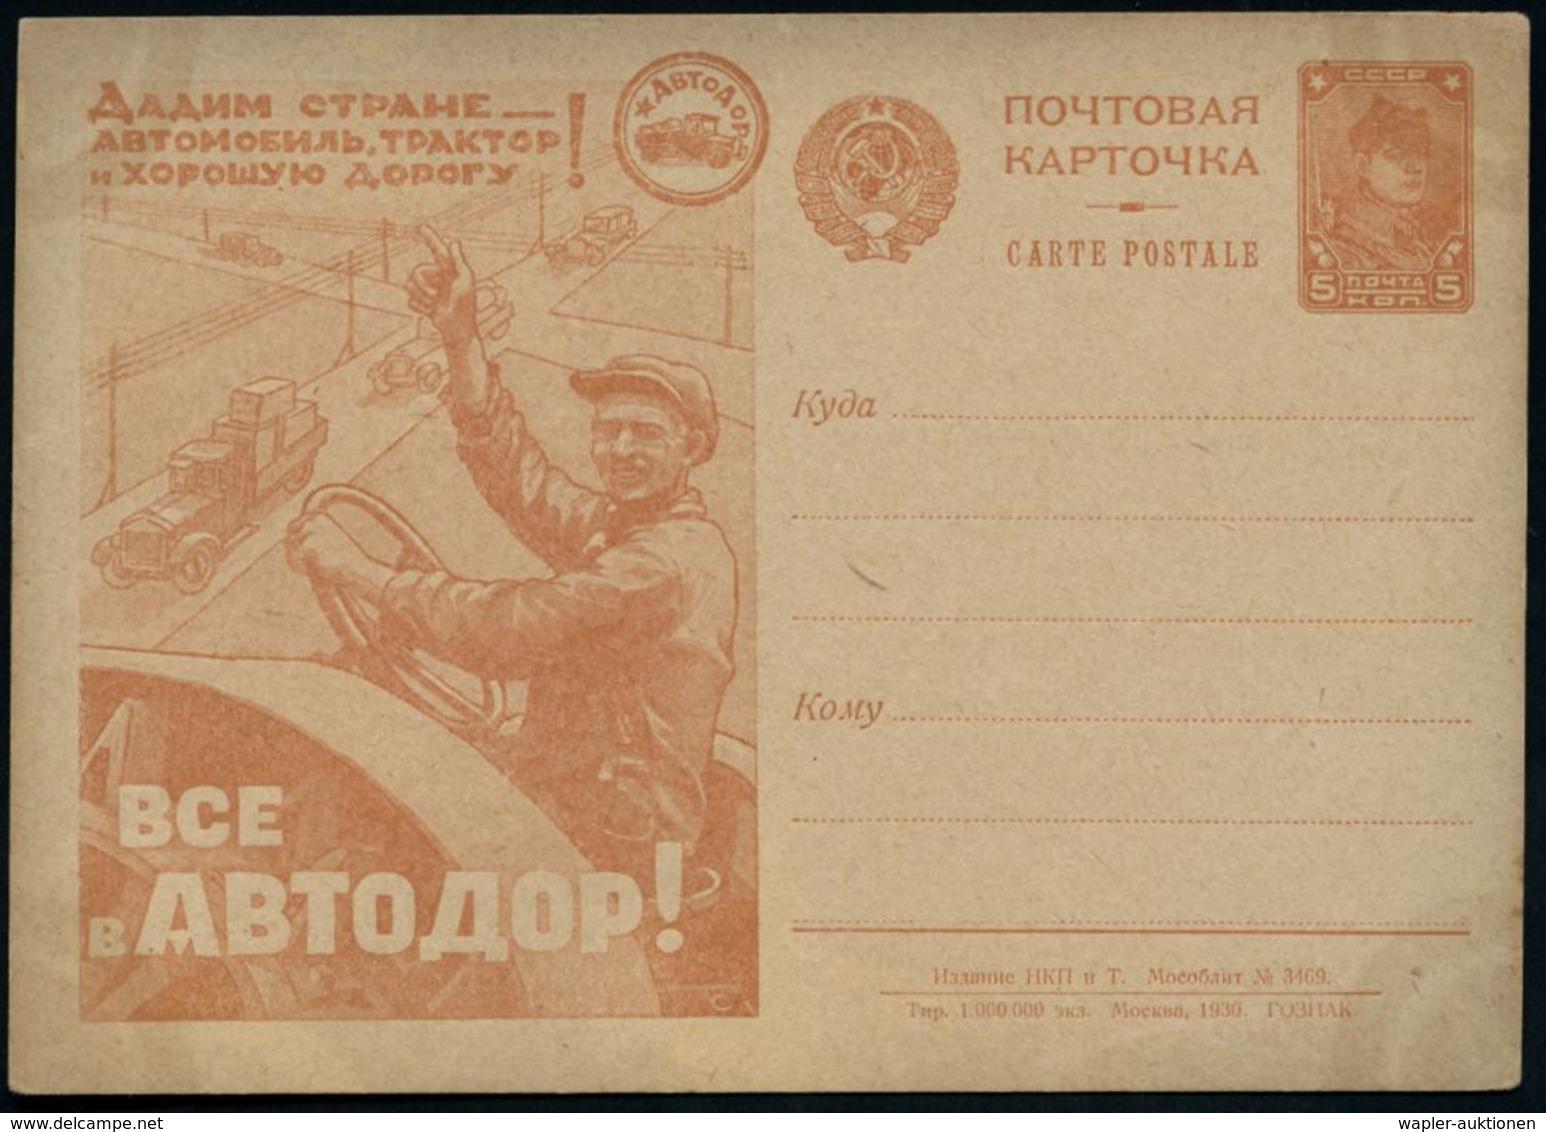 UdSSR 1930 5 Kop. BiP Soldat, Braun: Wir Geben Dem Land Autos, Traktoren U.gute Straßen! Alle Für AWTODOR! (Traktorist / - Auto's